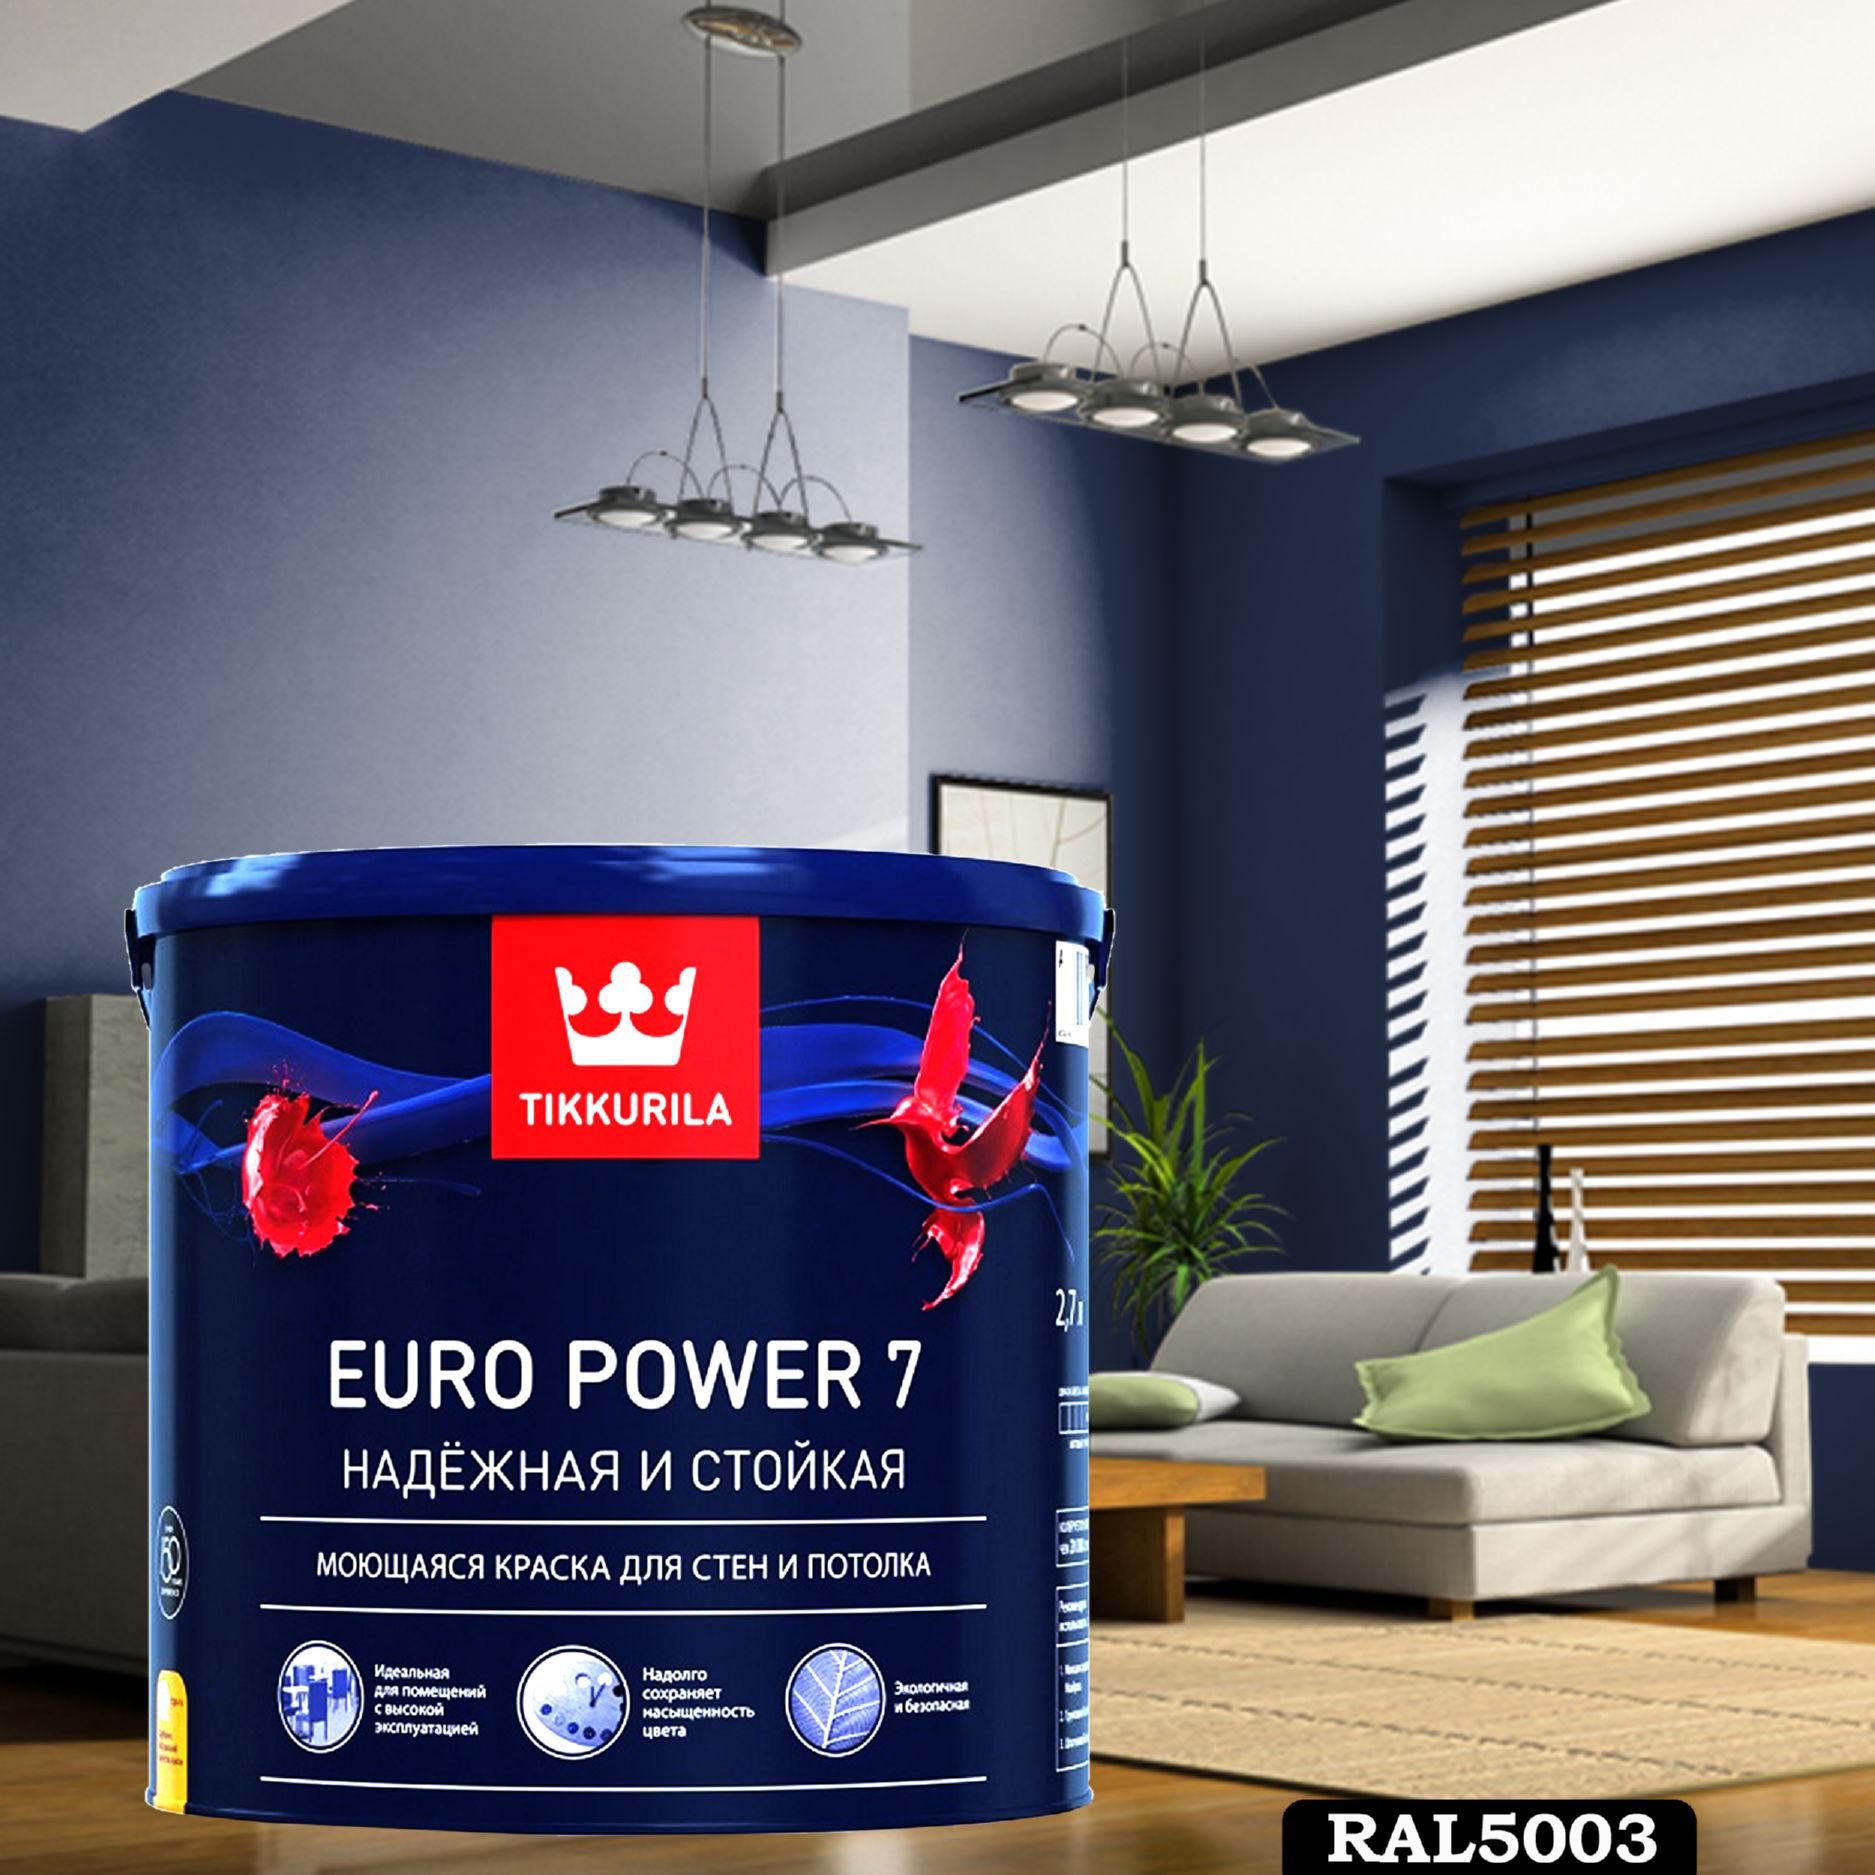 Фото 4 - Краска TIKKURILA Euro Power 7,  RAL 5003 Сапфирово-синий, латексная моющаяся матовая интерьерная, 9 л.